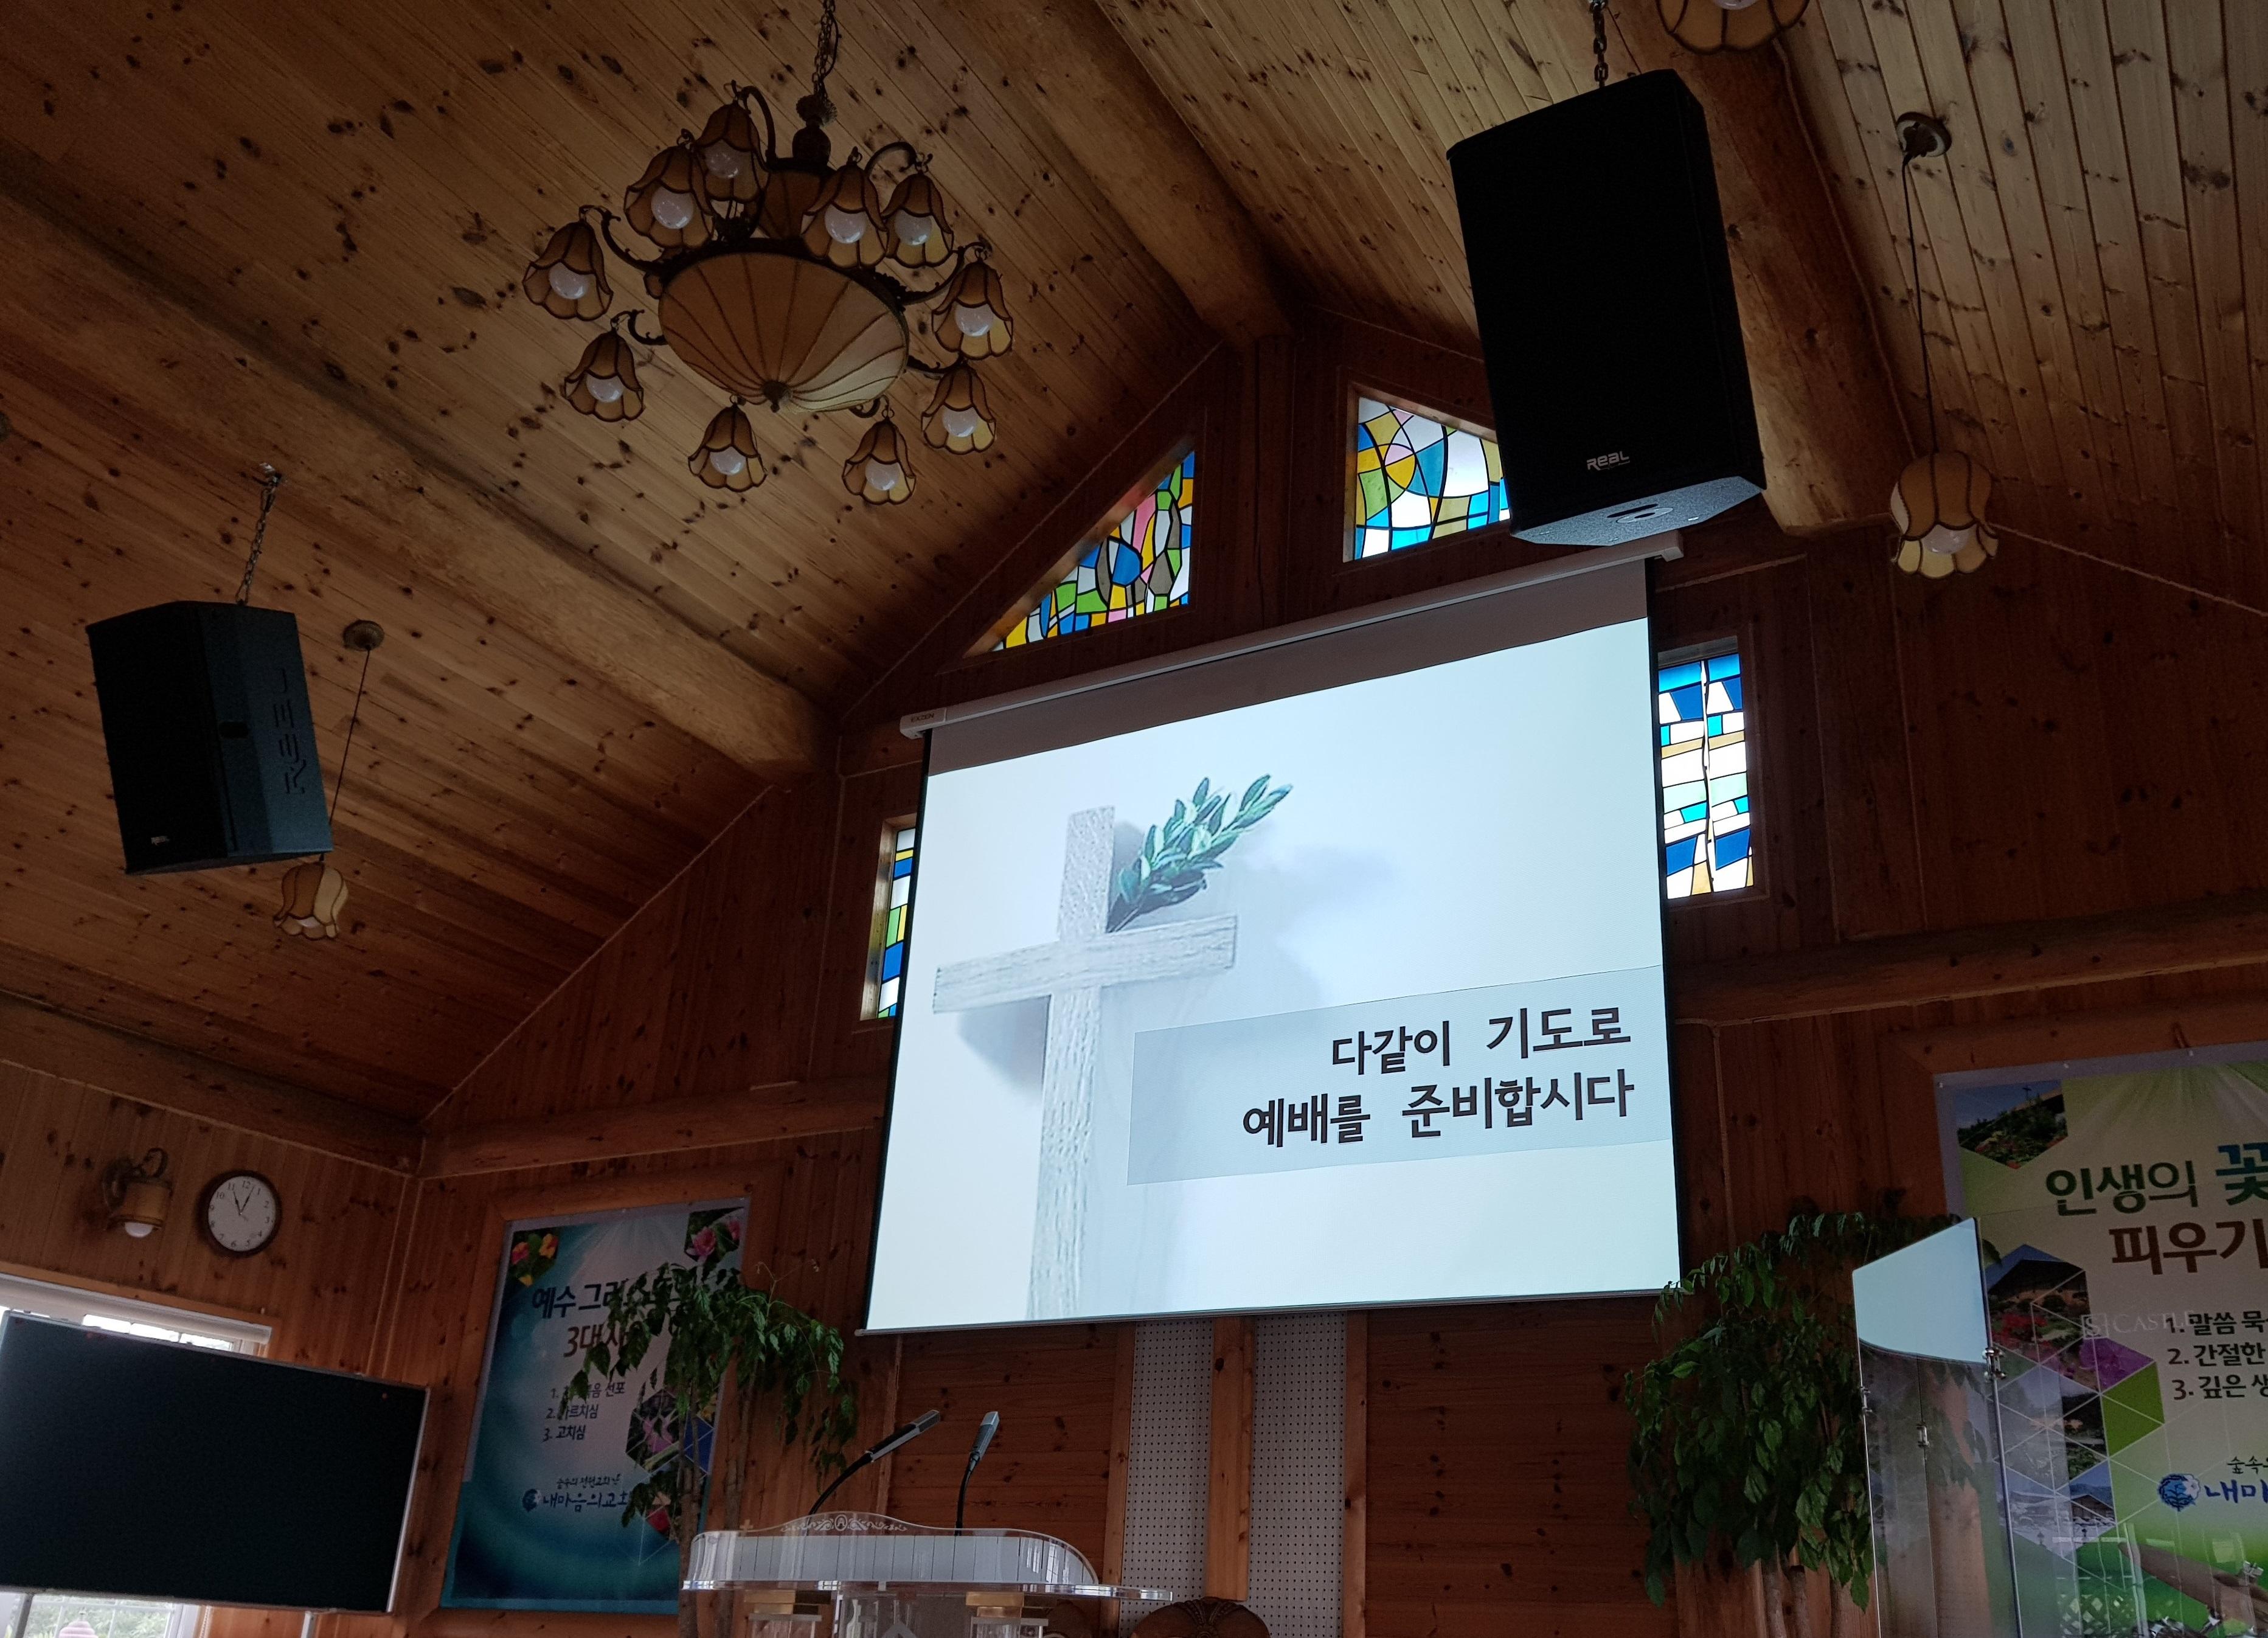 광주 내마음의교회-02.jpg